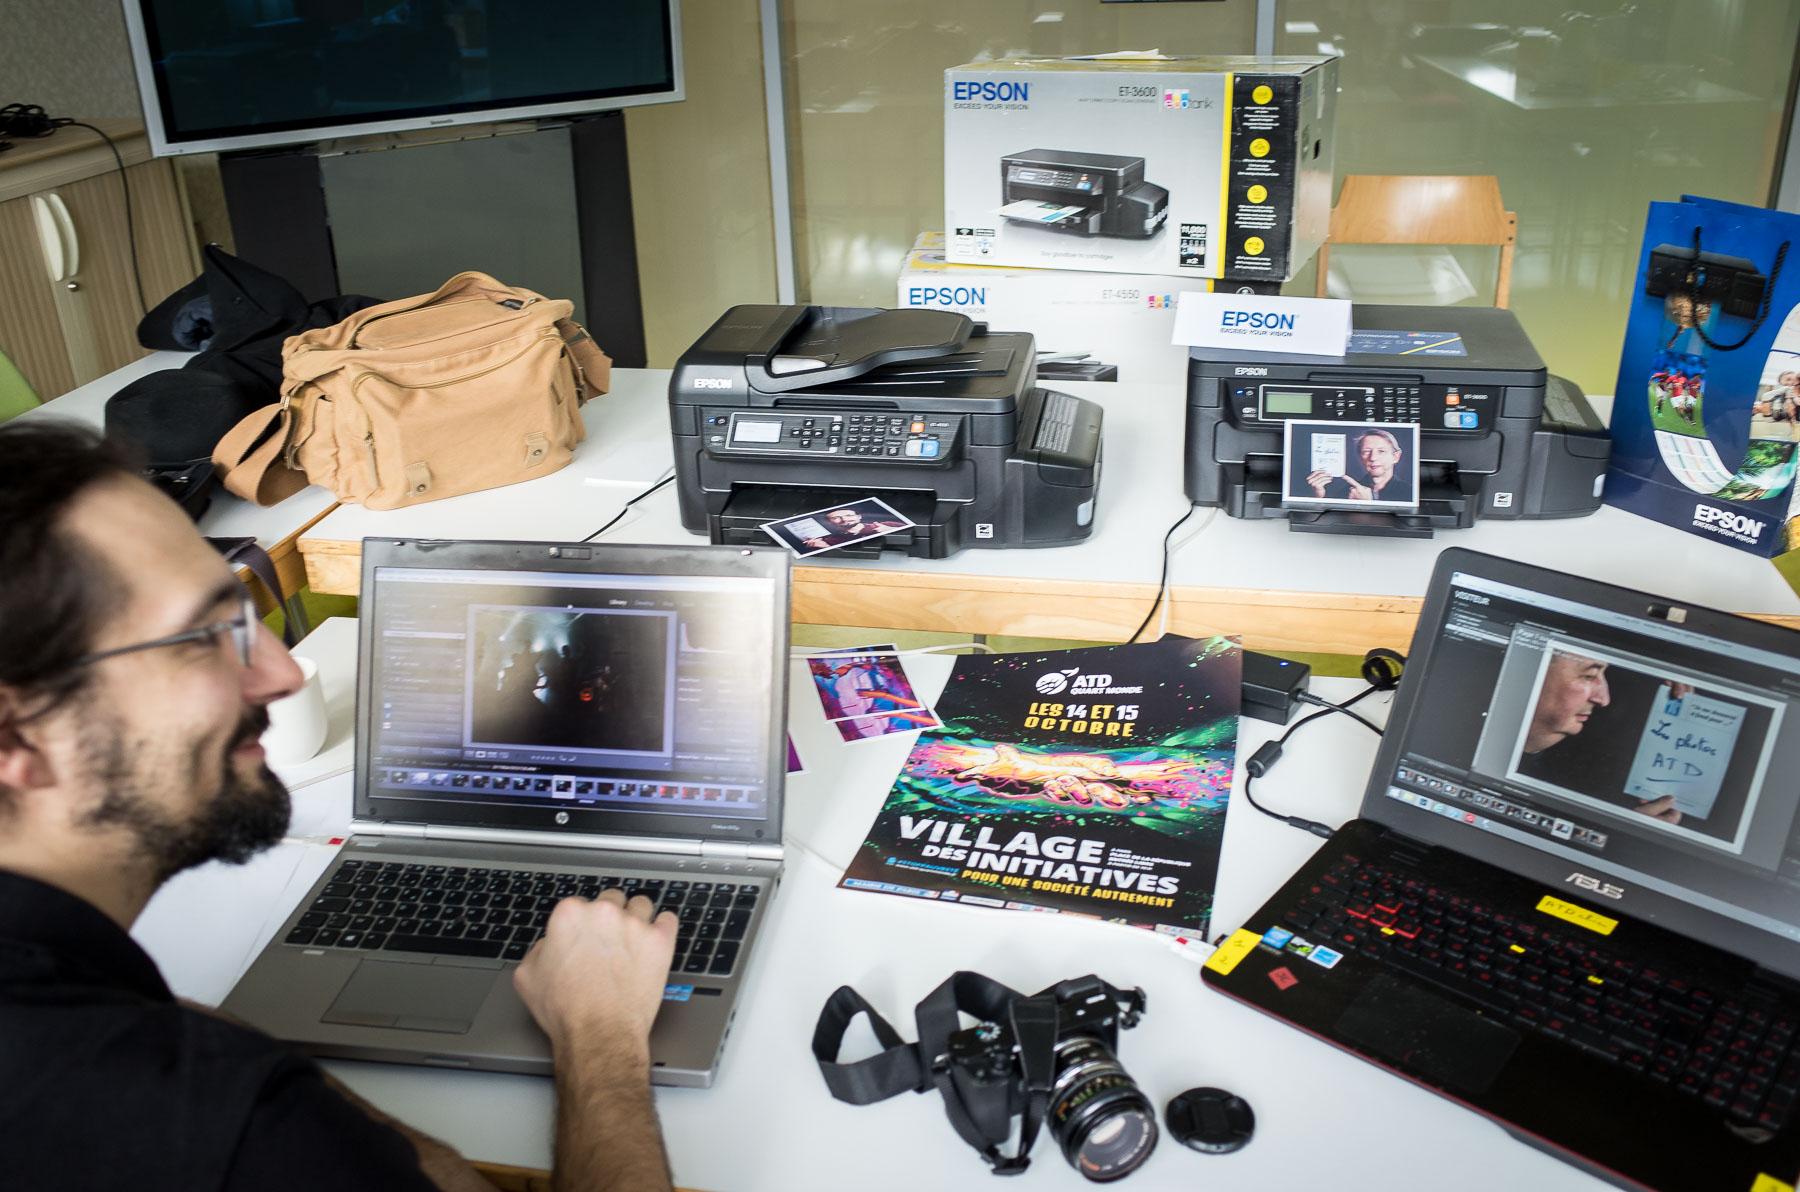 Préparatifs avec les imprimantes Epson - JCE